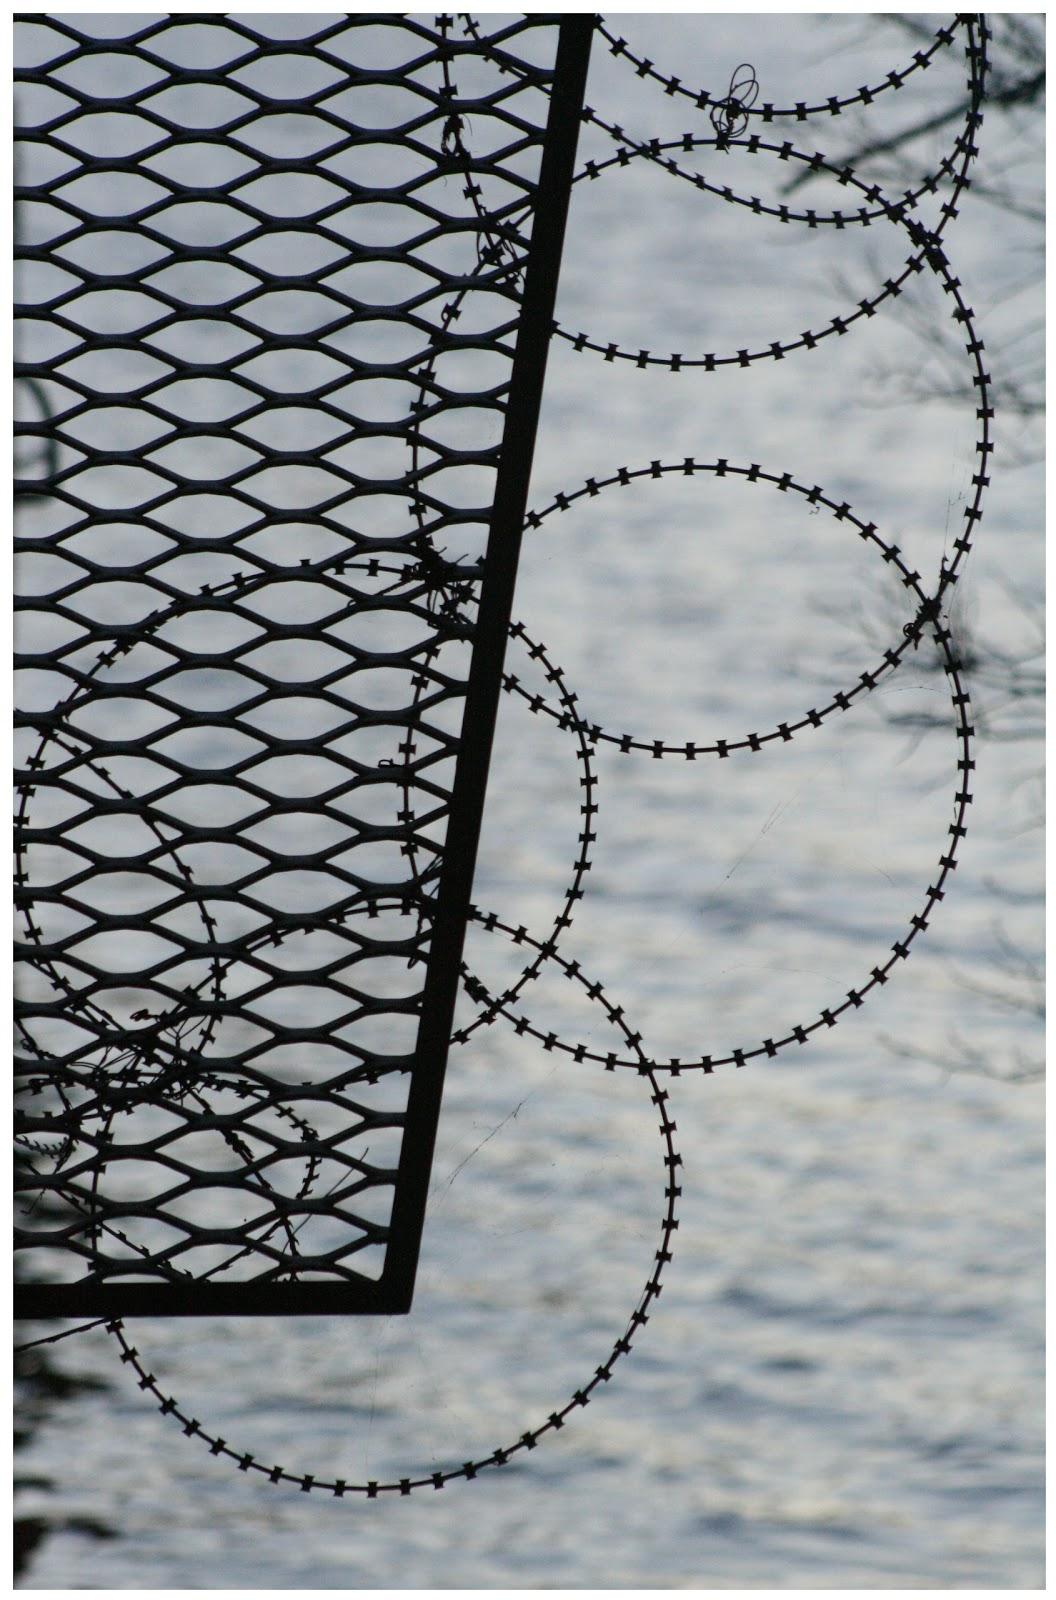 http://4.bp.blogspot.com/-UC3_9pijgAk/T81TsUiFD7I/AAAAAAAAAy4/cpFNUFuEywc/s1600/barbed+wire.jpg